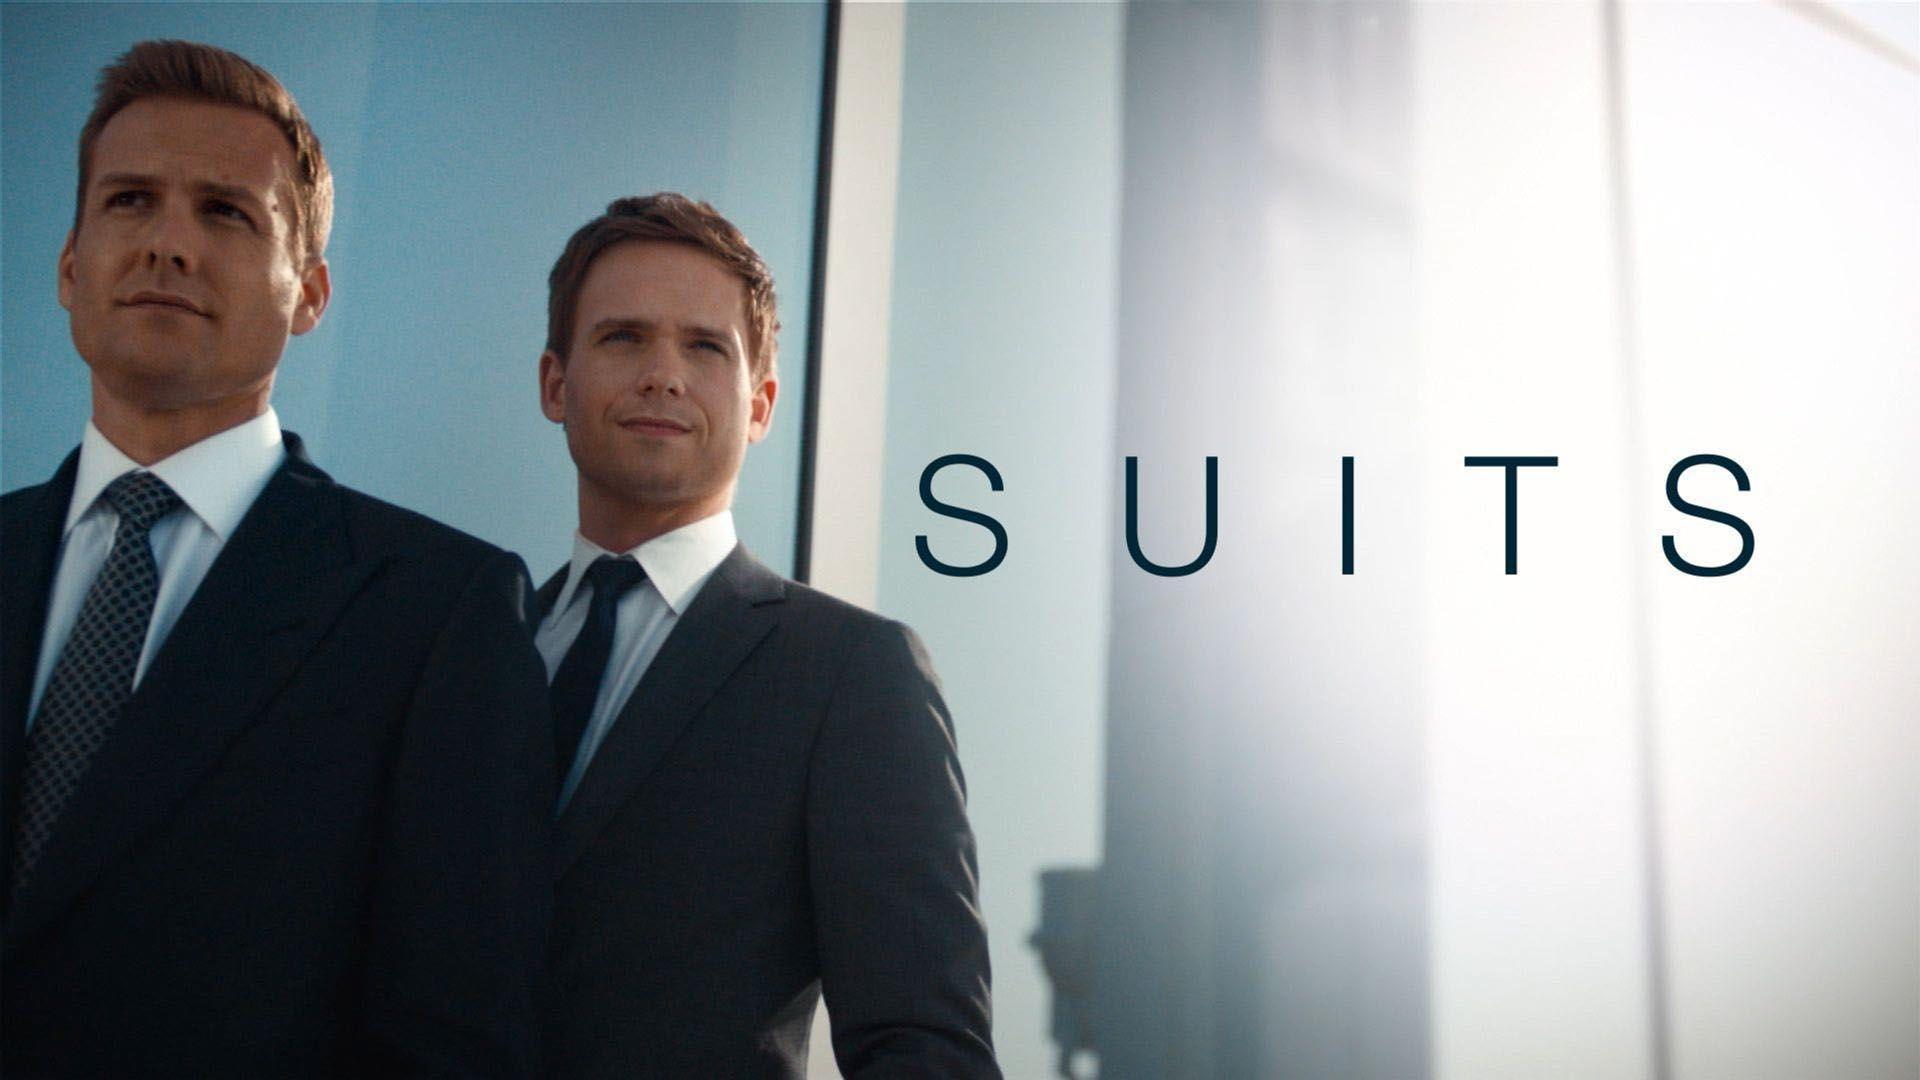 Suits Wallpaper Litt Up Pinterest Tv Series Tvs